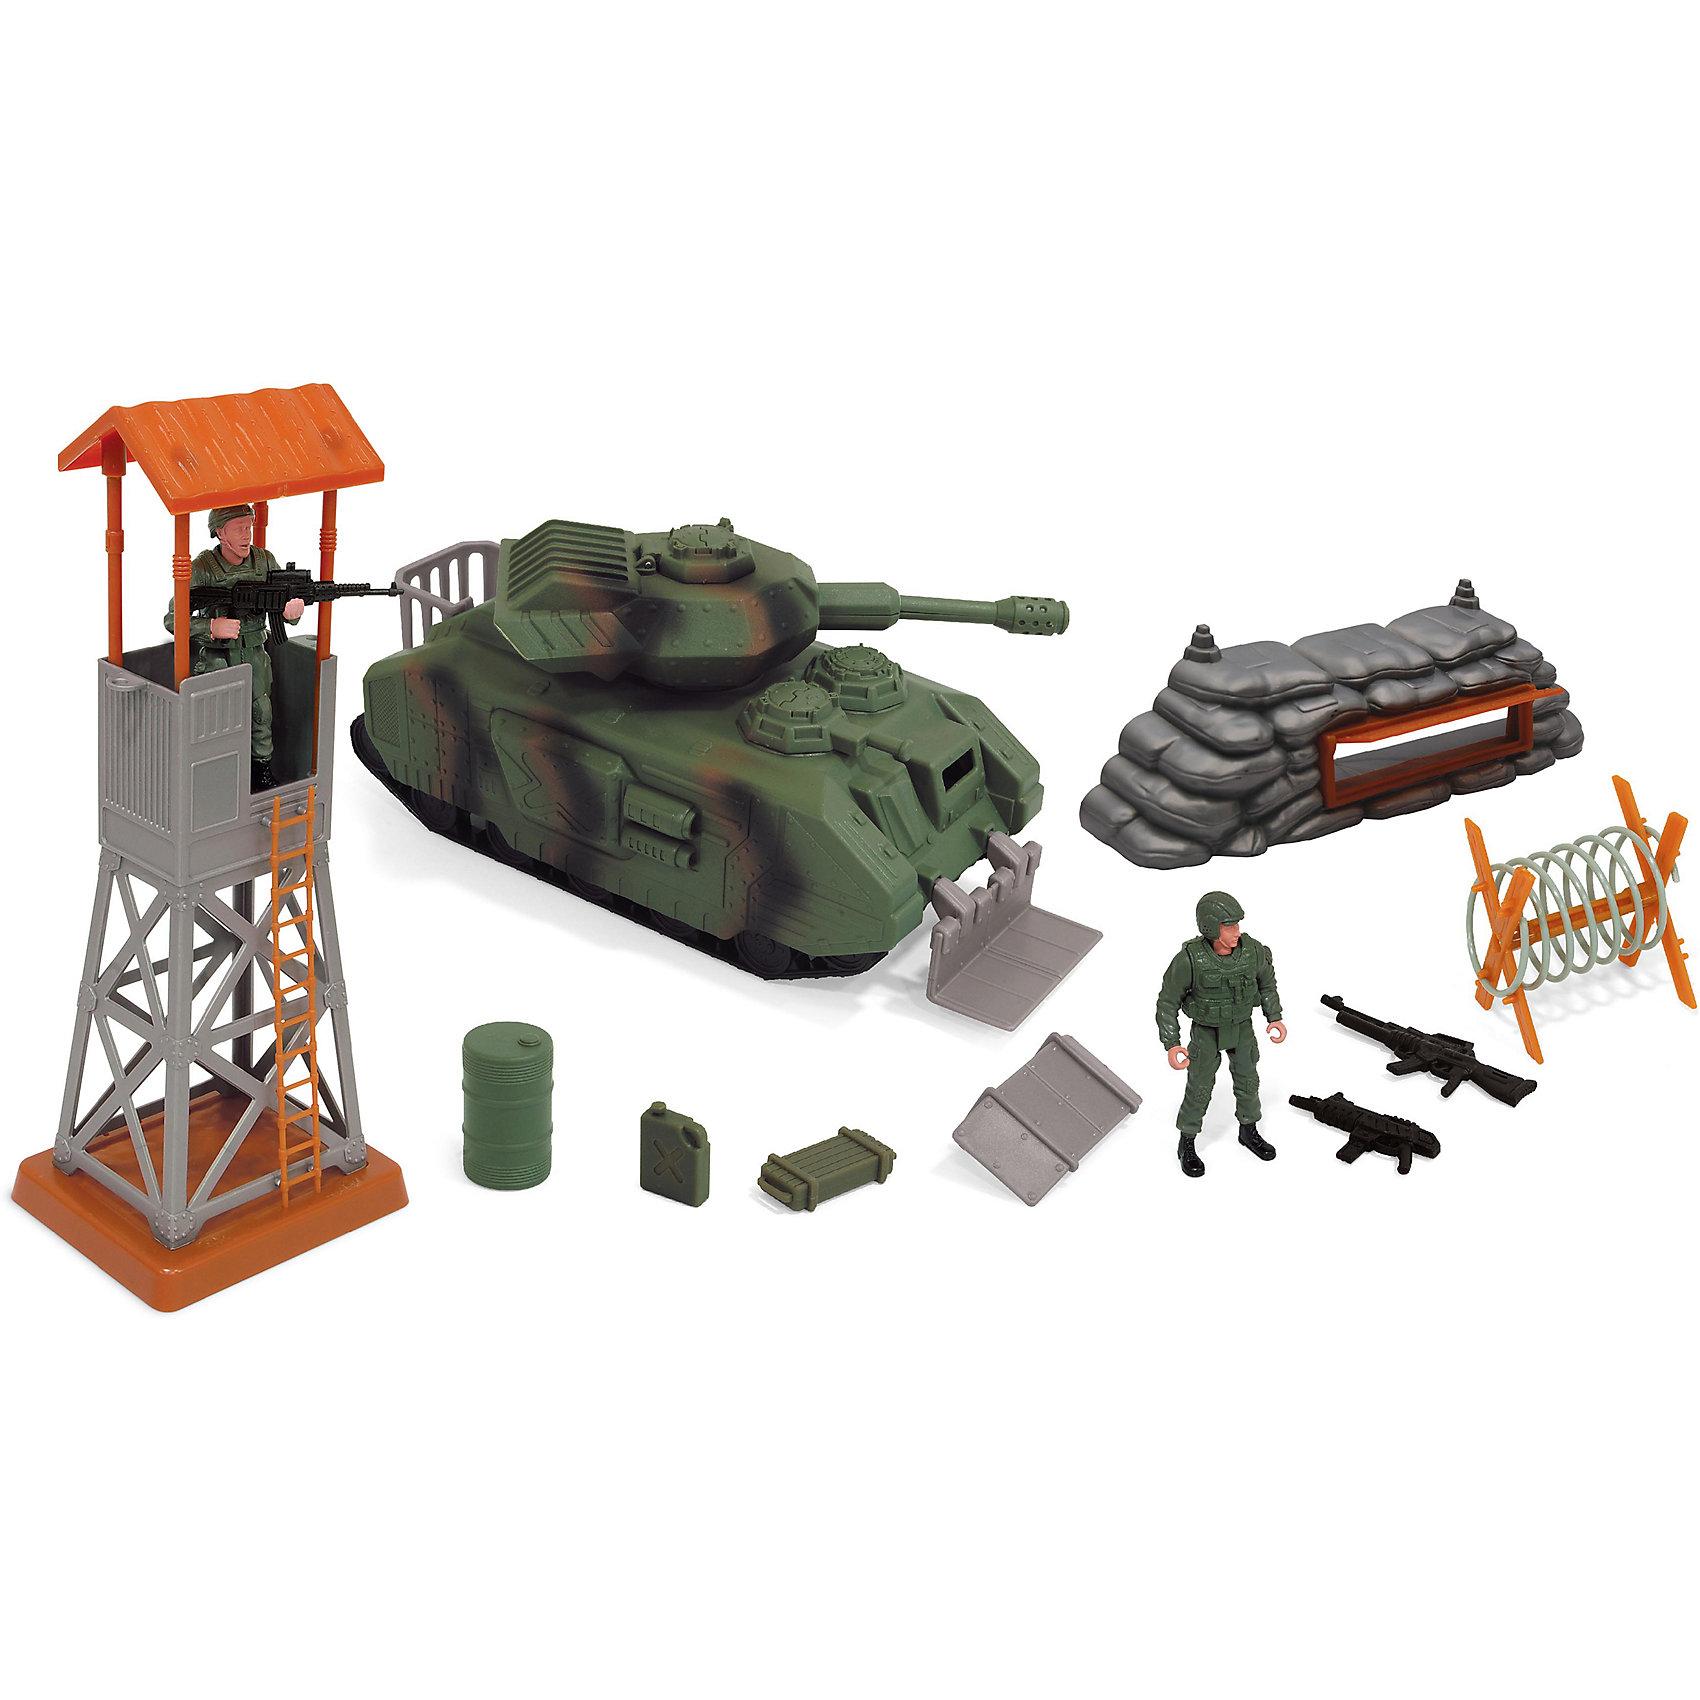 Игровой набор Военные, BoleyВоенный транспорт<br>Игровой набор Военные, Boley (Болей).<br><br>Характеристики:<br><br>• Вес: 870 г.<br>• Размер упаковки: 39х14х20 см.<br>• В комплекте: танк, фигурка солдата, аксессуары, оружие.<br><br>Игровой набор «Военные» от бренда Boley (Болей) - станет отличным подарком для каждого мальчика к любому празднику! С ним ребенок сможет затеять увлекательную сюжетно-ролевую игру на военную тематику. В комплекте: танк со звуковыми и световыми эффектами, 2 фигурки солдатиков, заграждение из мешков и наблюдательная вышка. Башня у танка поворачивается на 360' градусов. Все предметы выполнены из высококачественных, экологически чистых материалов, совершенно безопасных для ребенка. Игрушка выглядит ярко и очень эффектно!  <br><br>Игровой набор Военные, Boley (Болей), можно купить в нашем интернет - магазине.<br><br>Ширина мм: 410<br>Глубина мм: 360<br>Высота мм: 140<br>Вес г: 1173<br>Возраст от месяцев: 48<br>Возраст до месяцев: 2147483647<br>Пол: Мужской<br>Возраст: Детский<br>SKU: 5185759